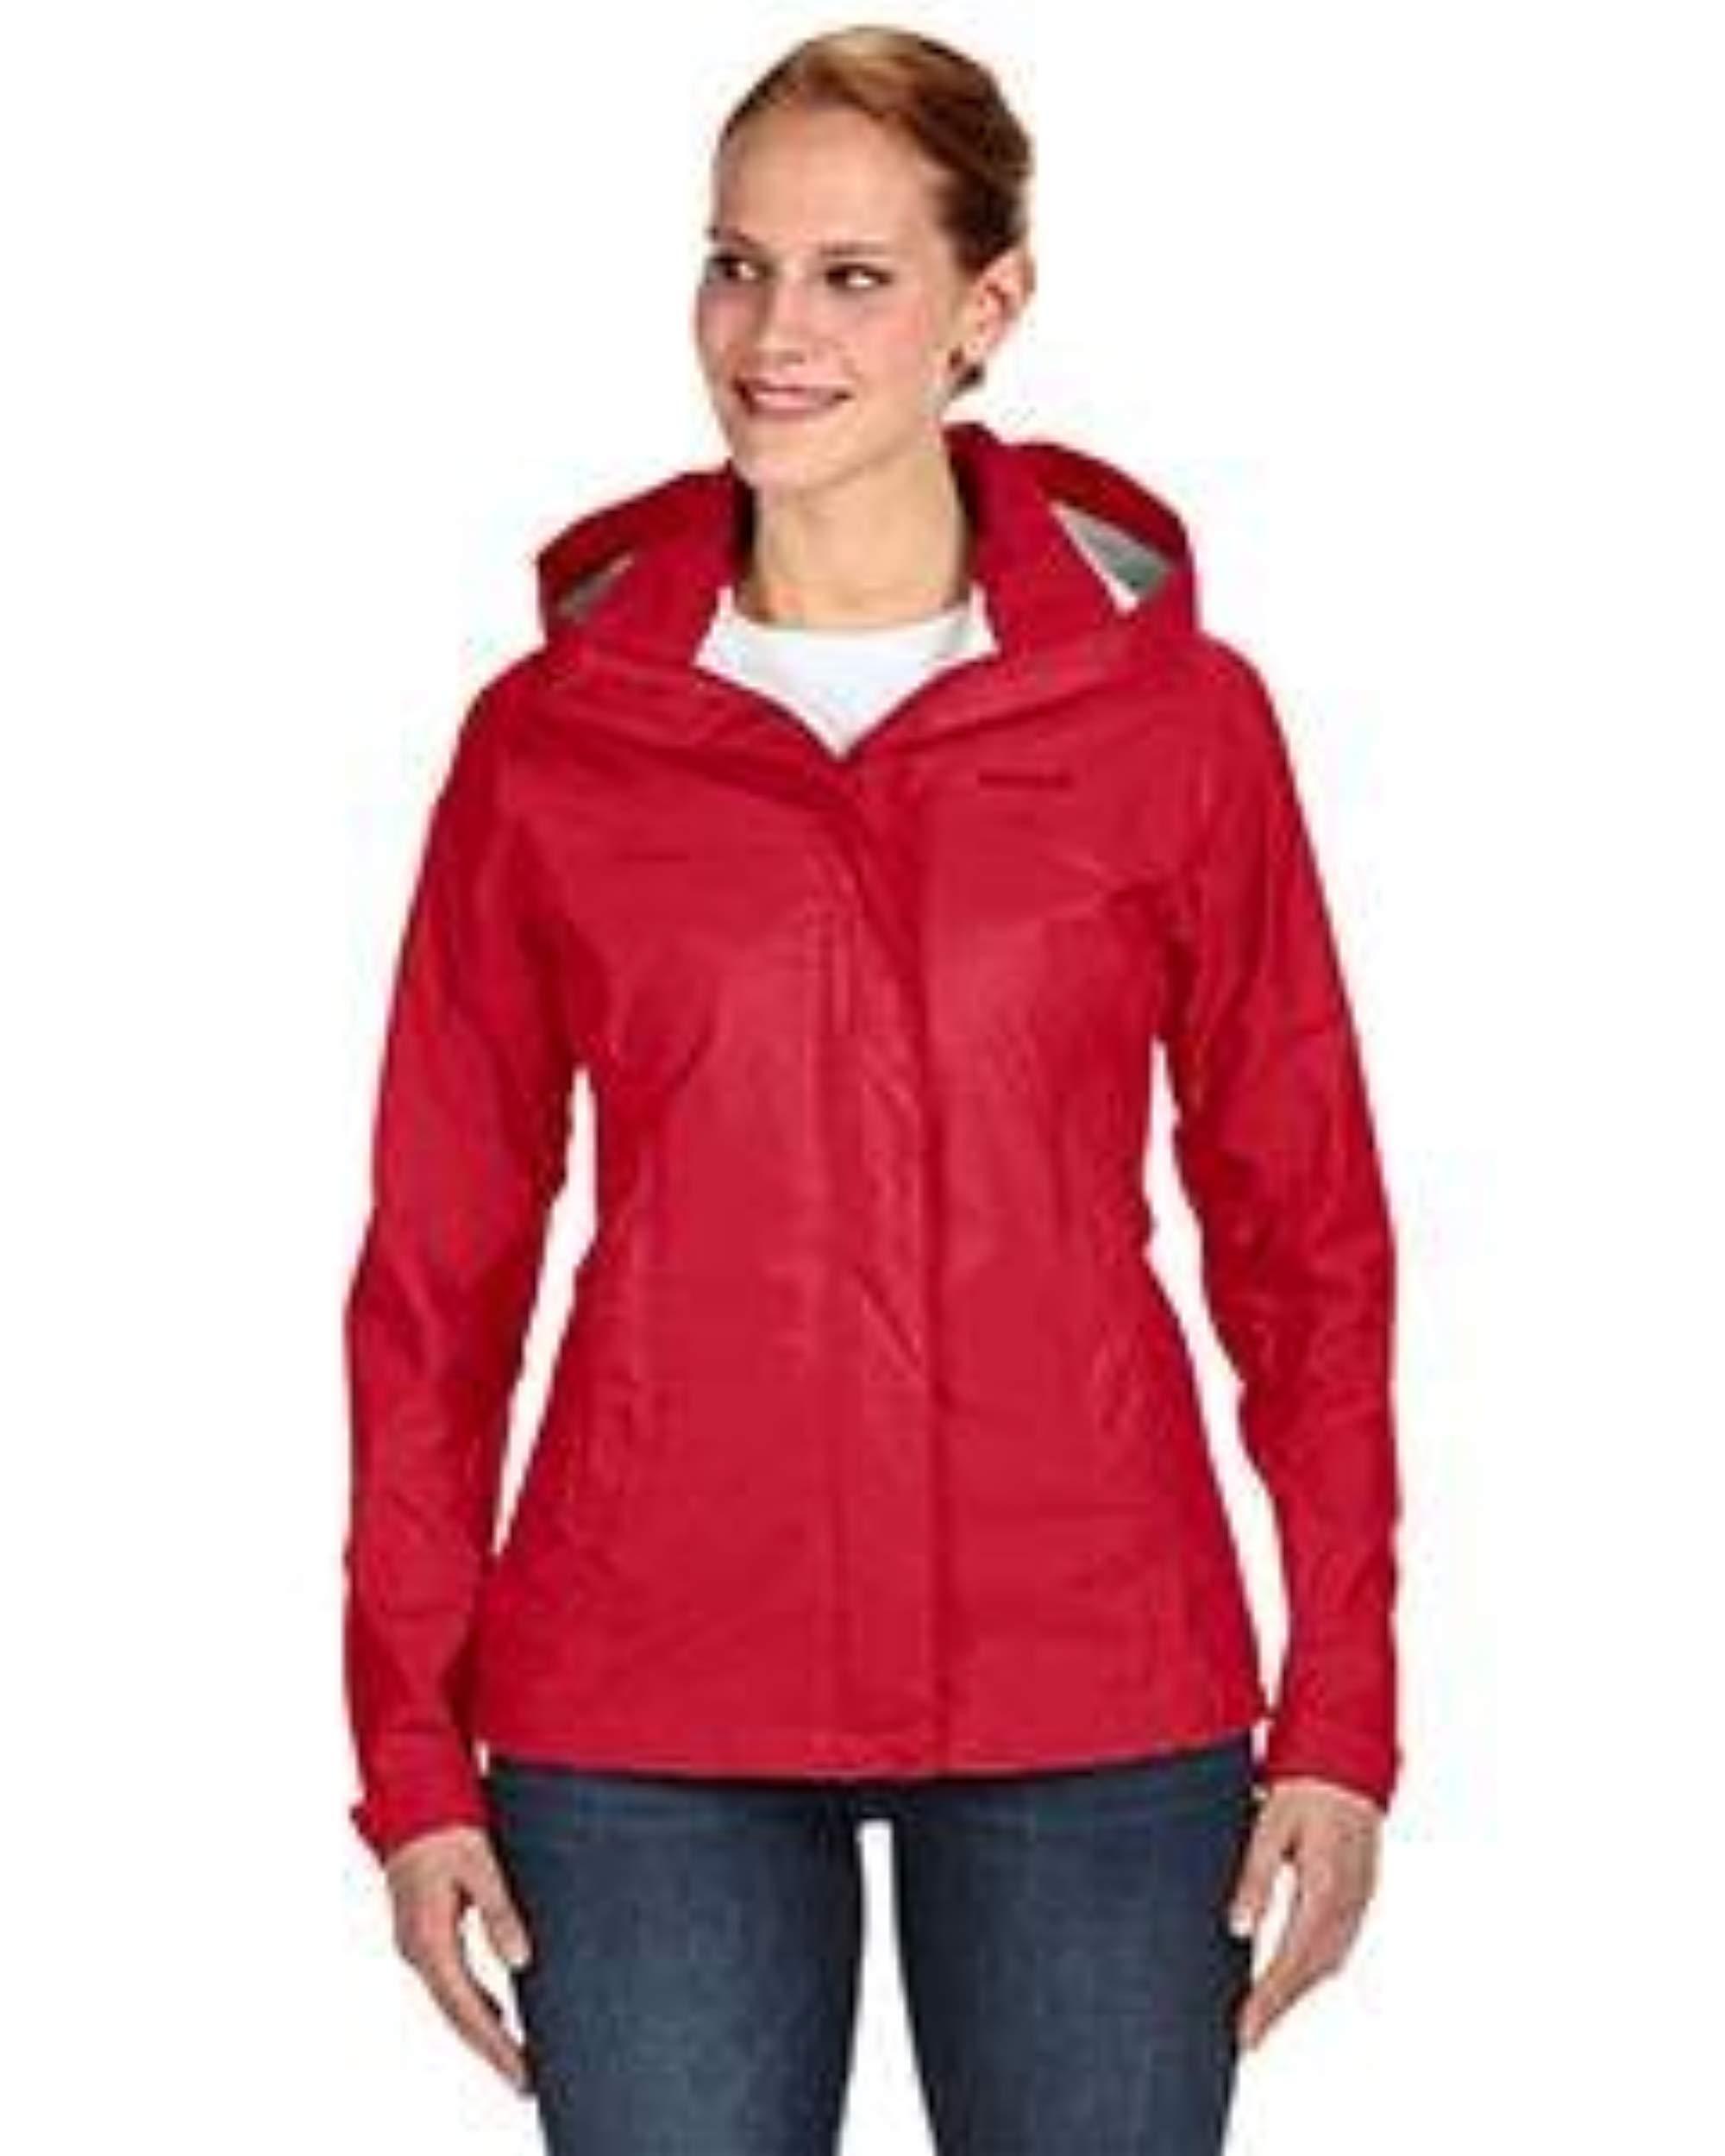 Marmot Women's Precip Jacket, Team Red, Medium by Marmot